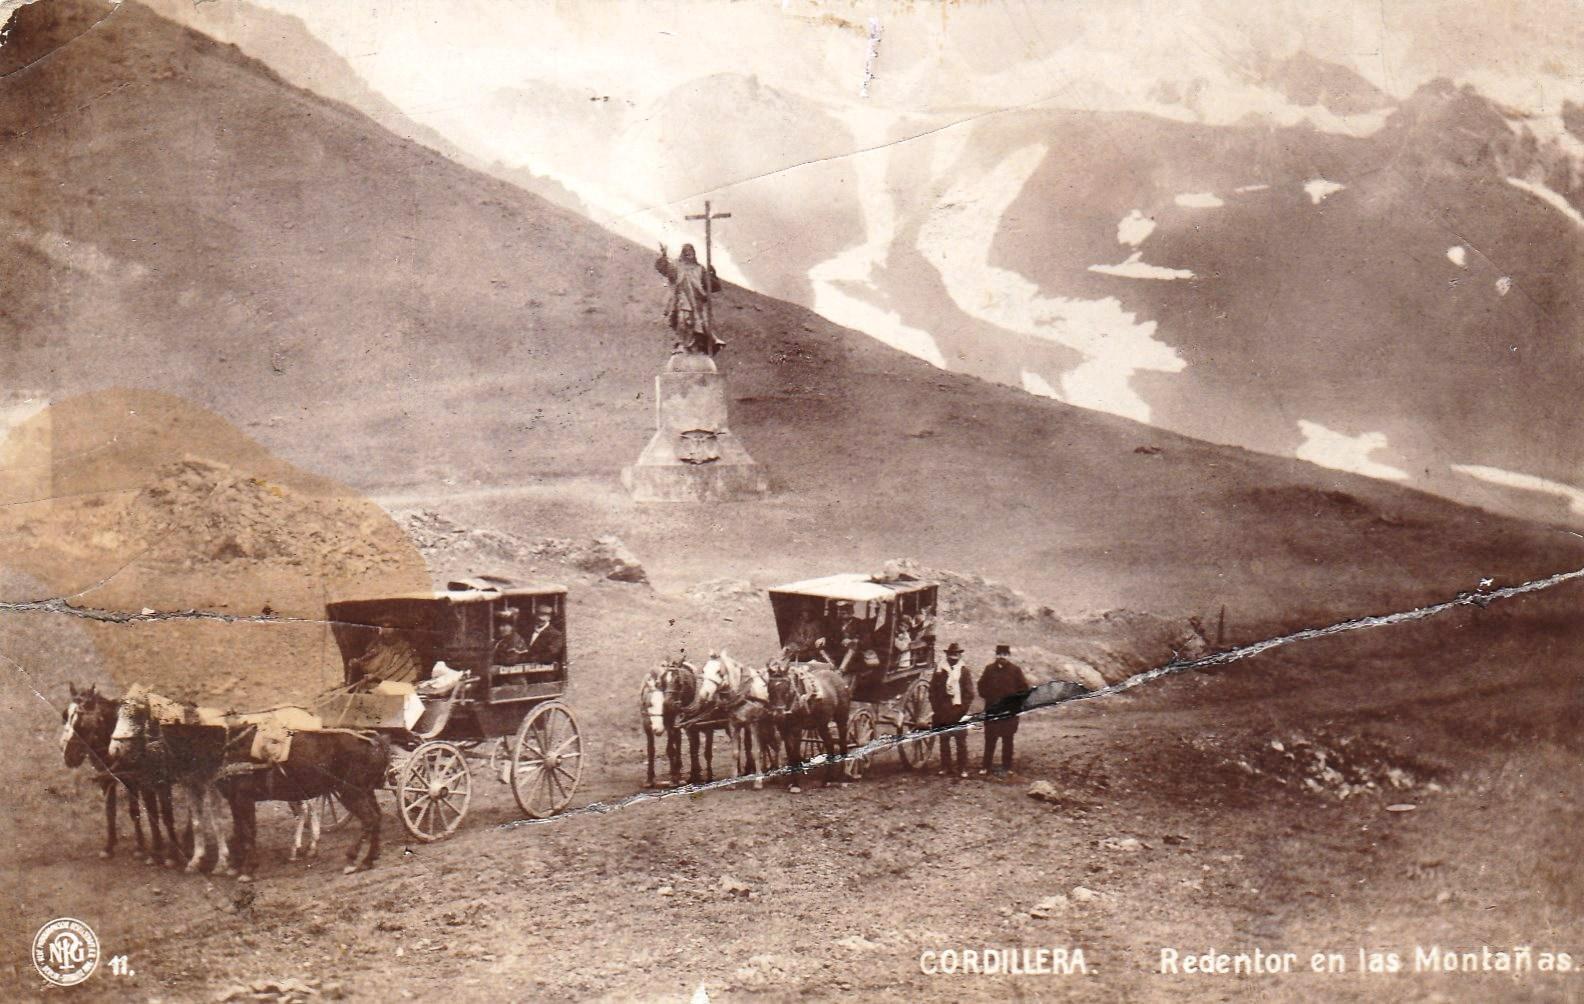 Enterreno - Fotos históricas de chile - fotos antiguas de Chile - Cristo Redentor de Los Andes en 1910